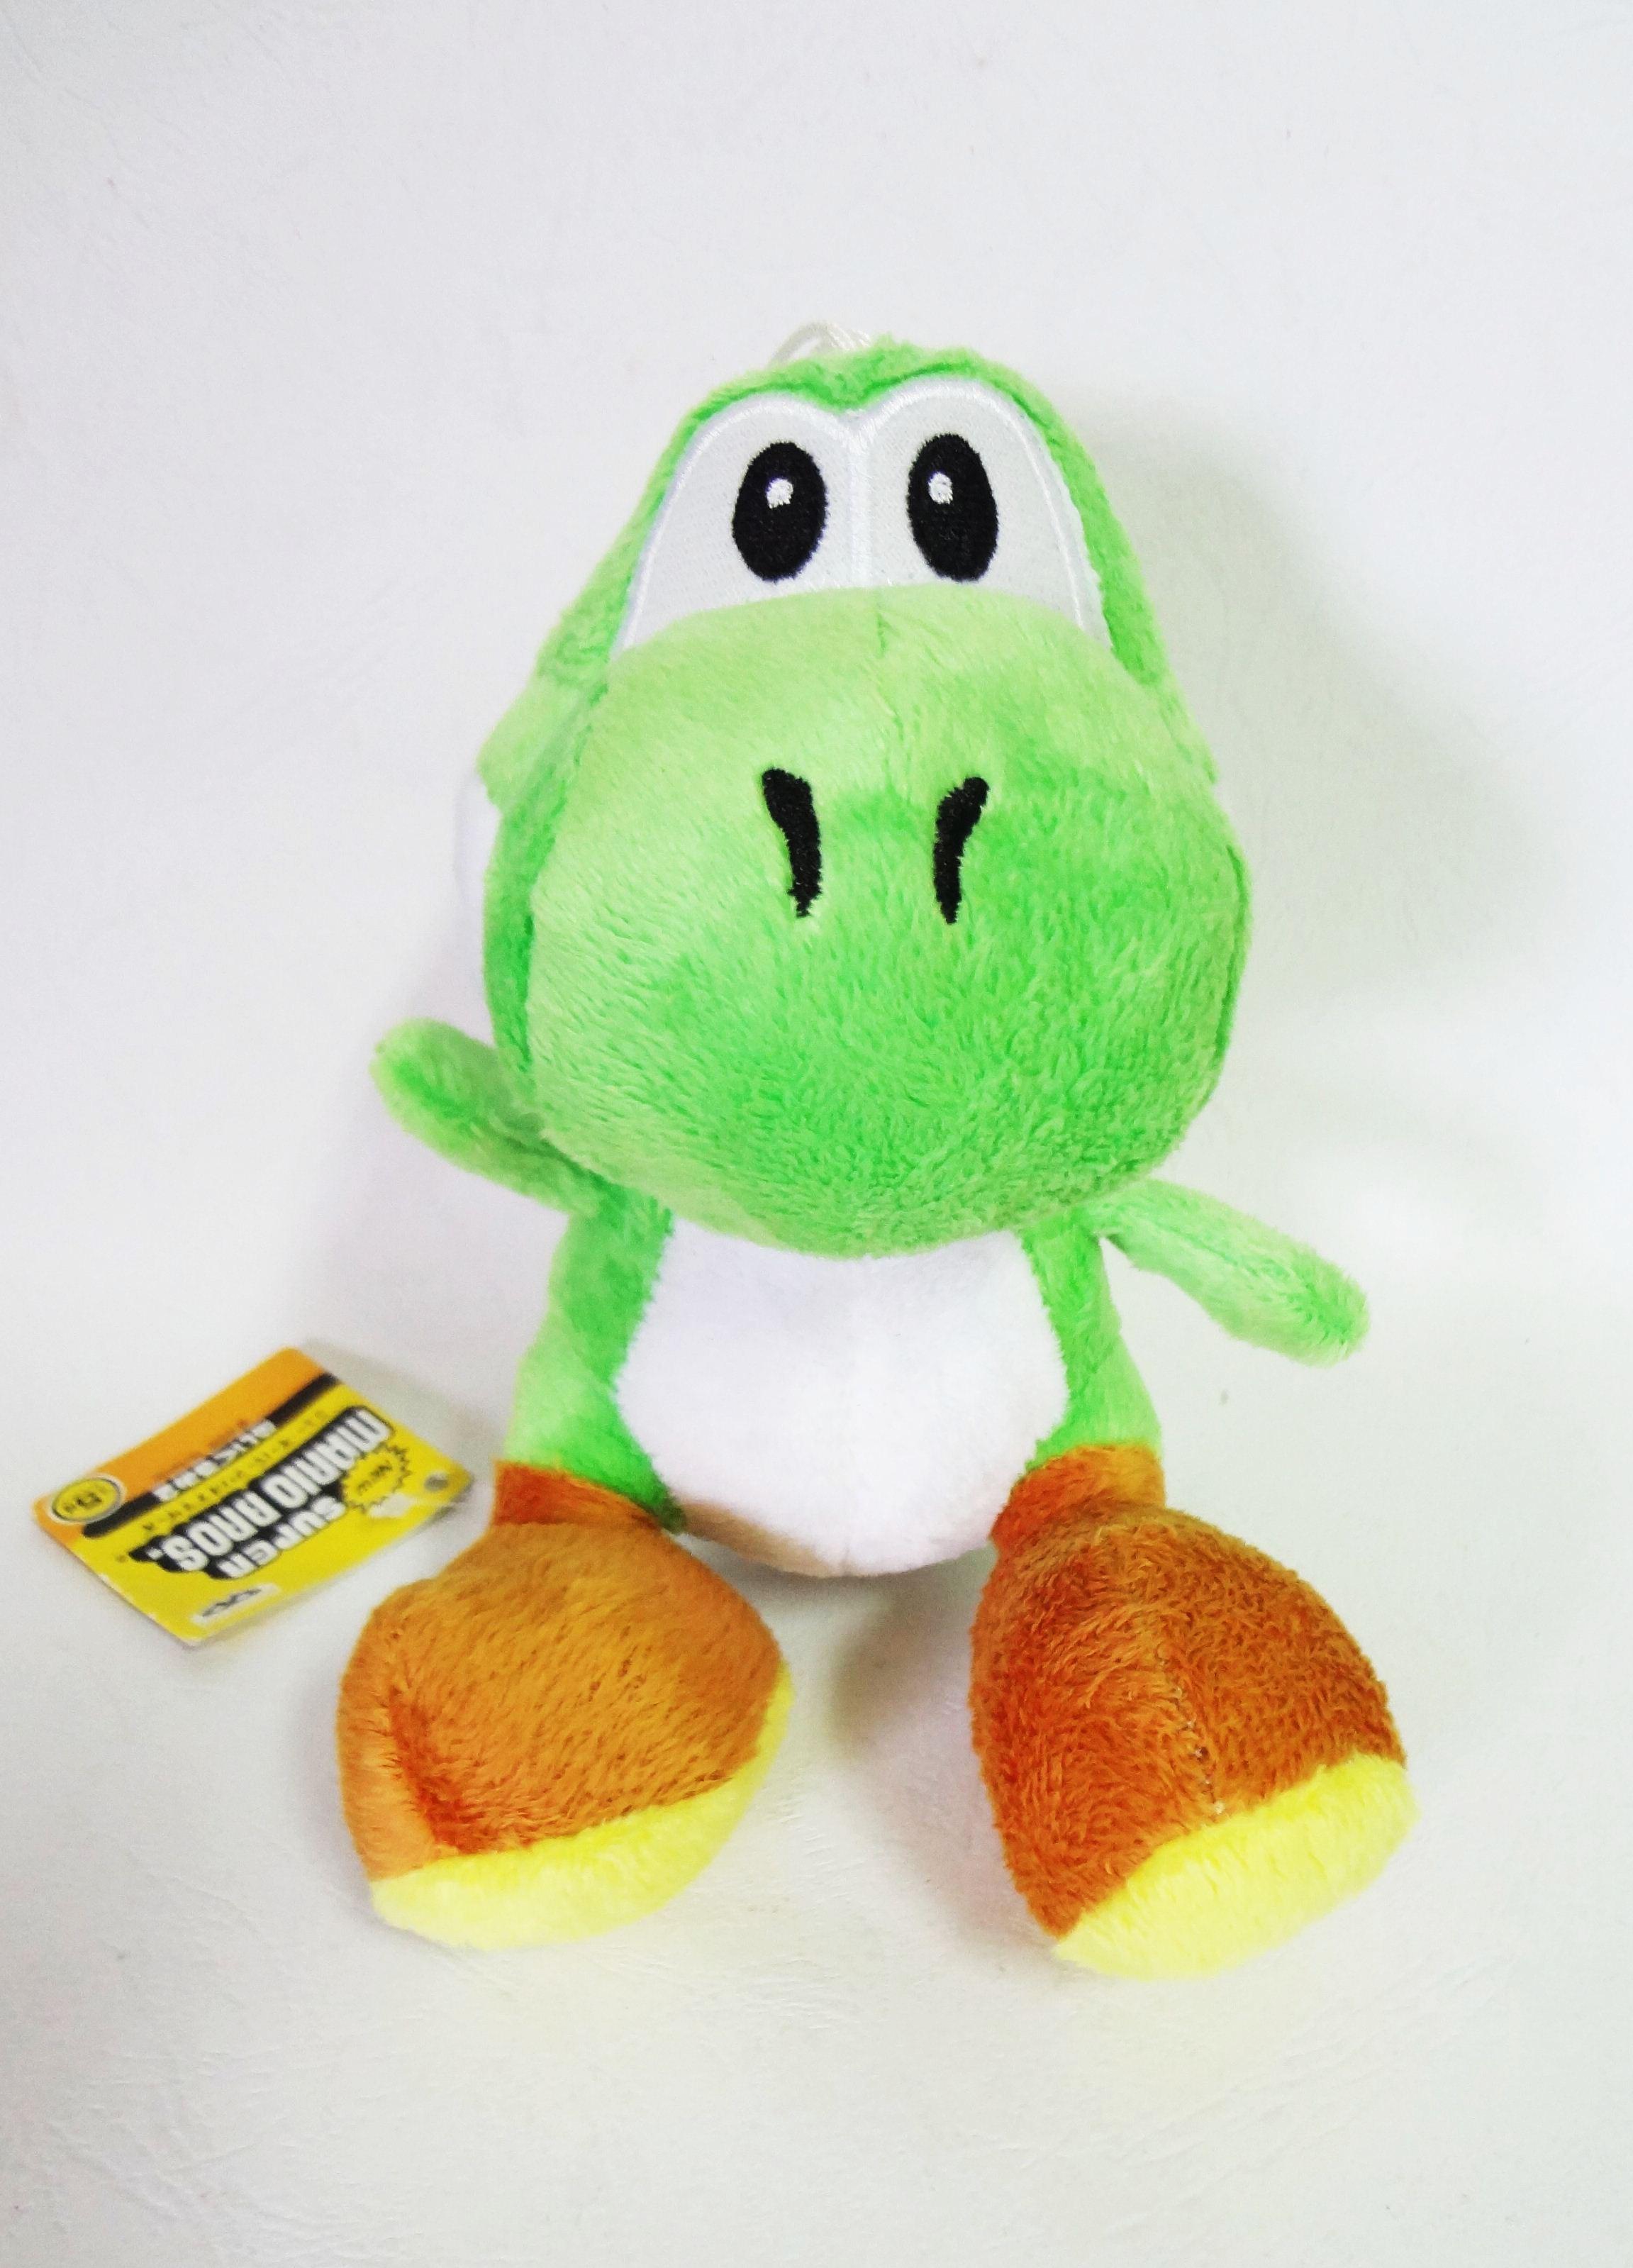 ตุ๊กตาติดกระจก Super Mario - Yochi